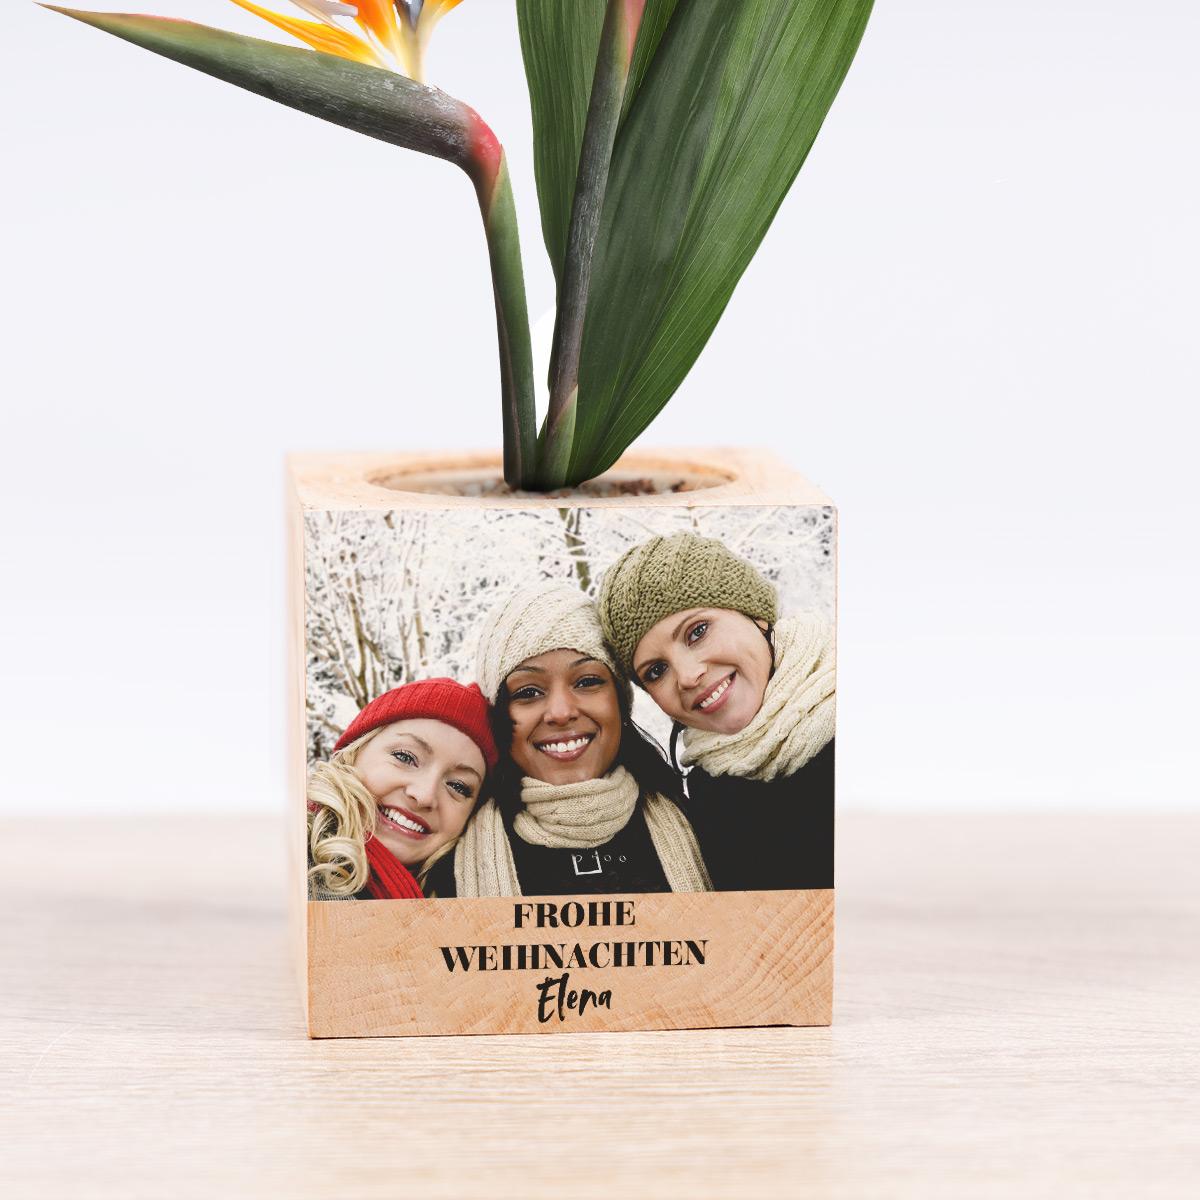 cadeau de noel ecocube plantes dans cube de bois avec grande image et texte